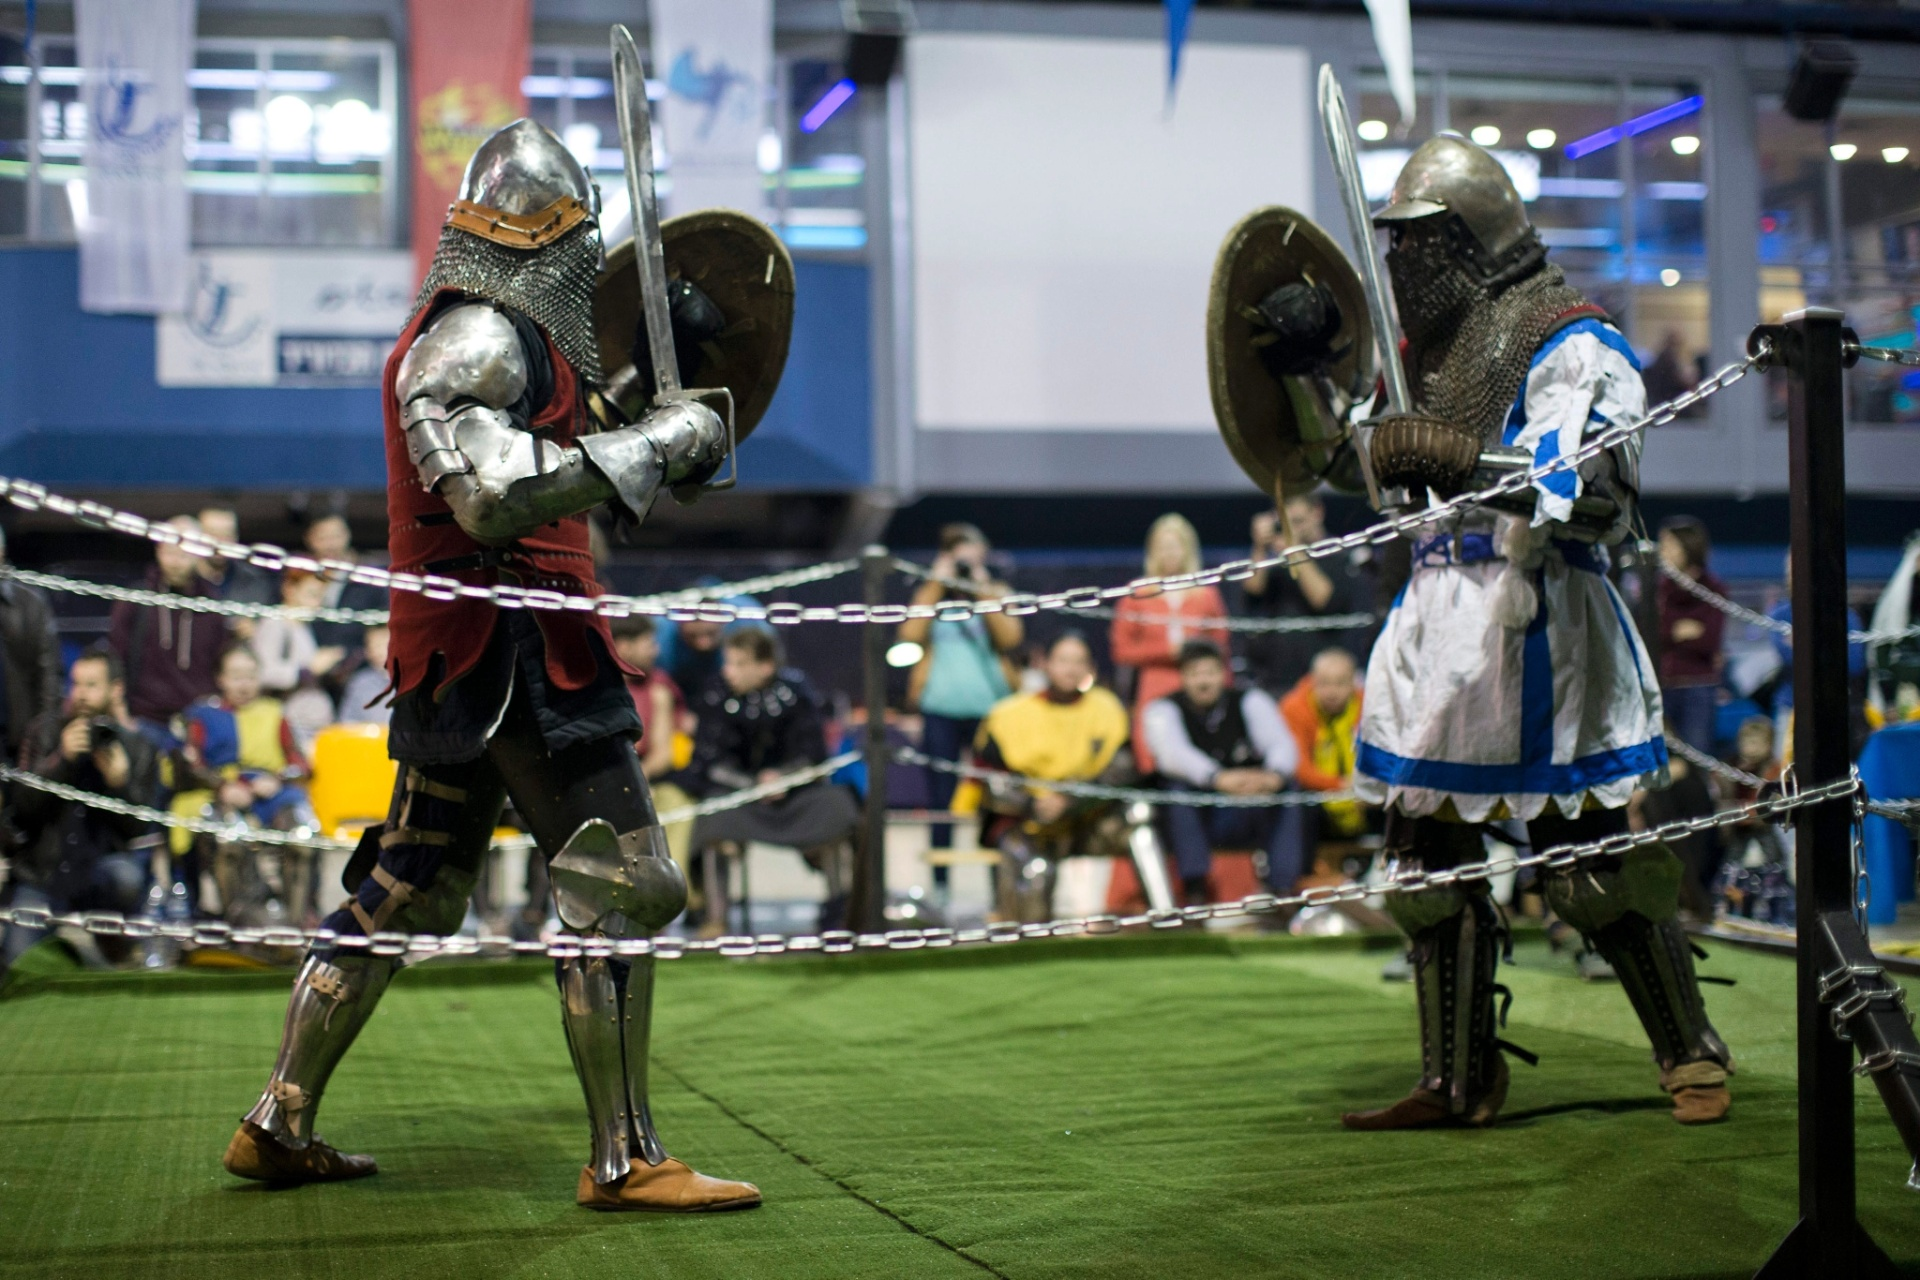 23.jan.2016 - Você já ouviu falar de um Campeonato Mundial de Luta Medieval? Pois é, ele existe. Inclusive, a terceira edição começou neste sábado em Tel Aviv, Israel, com cenas como a desta foto, na qual duas pessoas fantasiadas de cavaleiros se enfrentam em um ringue